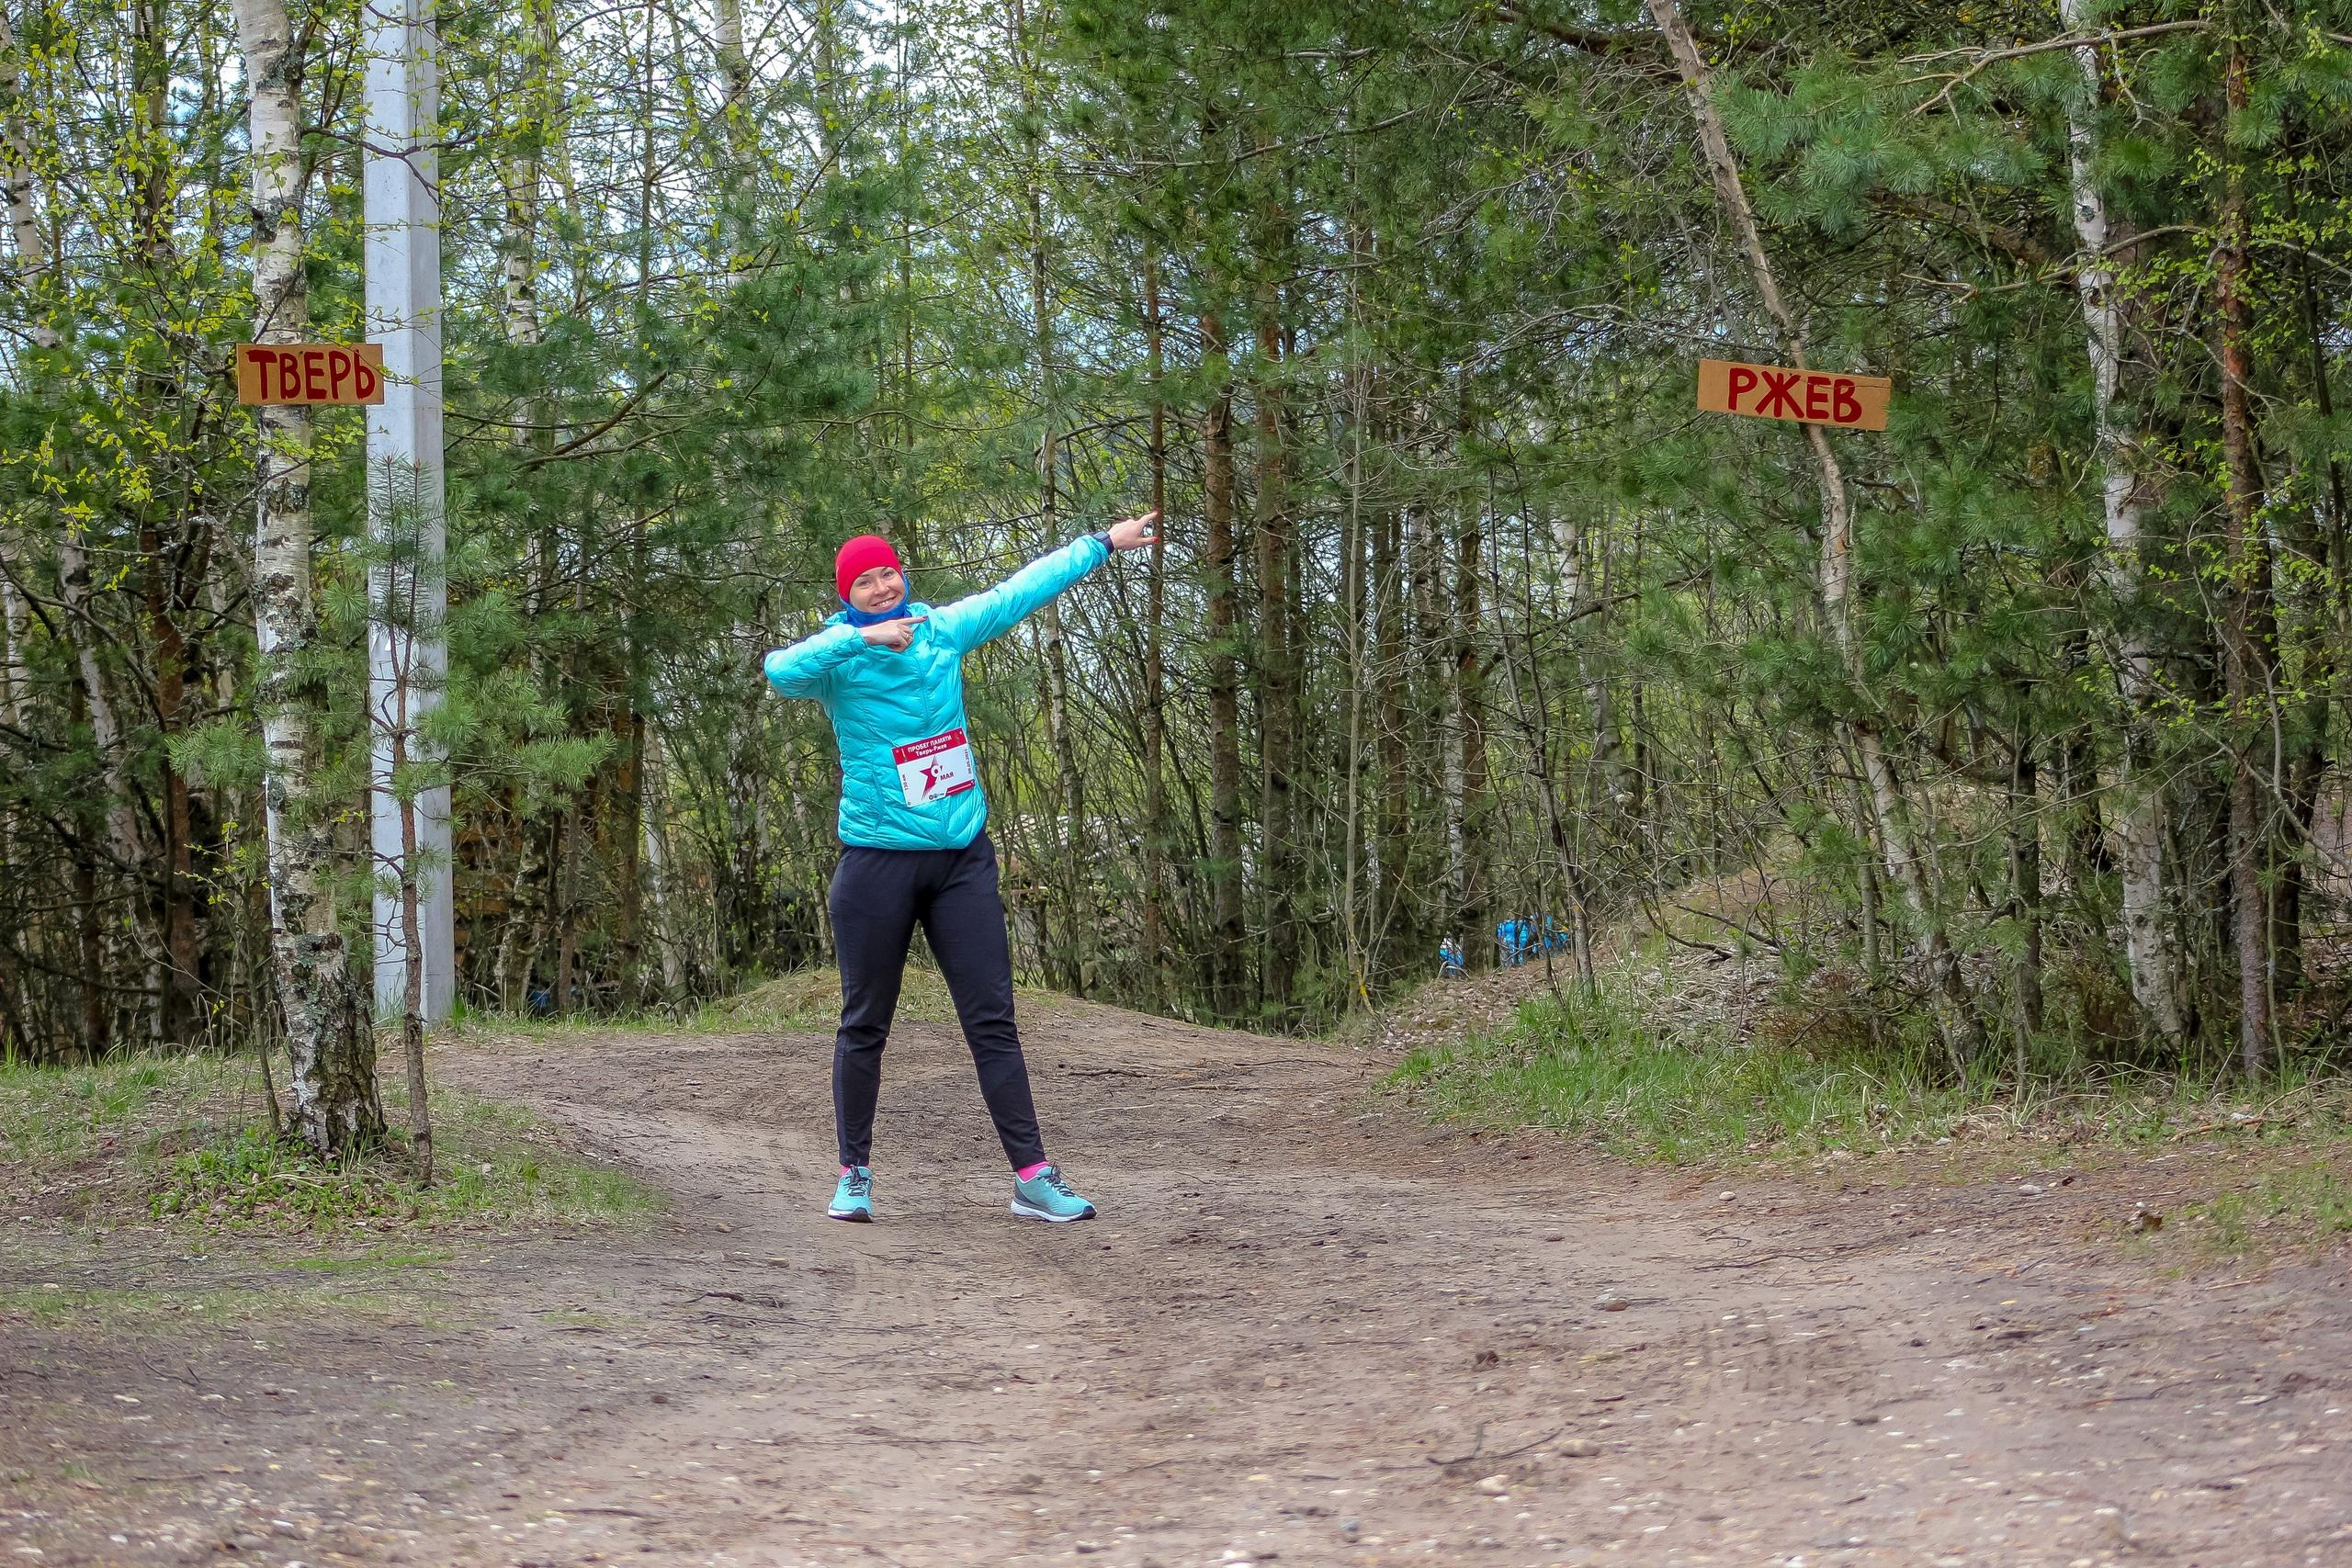 Рекордный забег: тверские спортсмены пробежали 130 км в День Победы